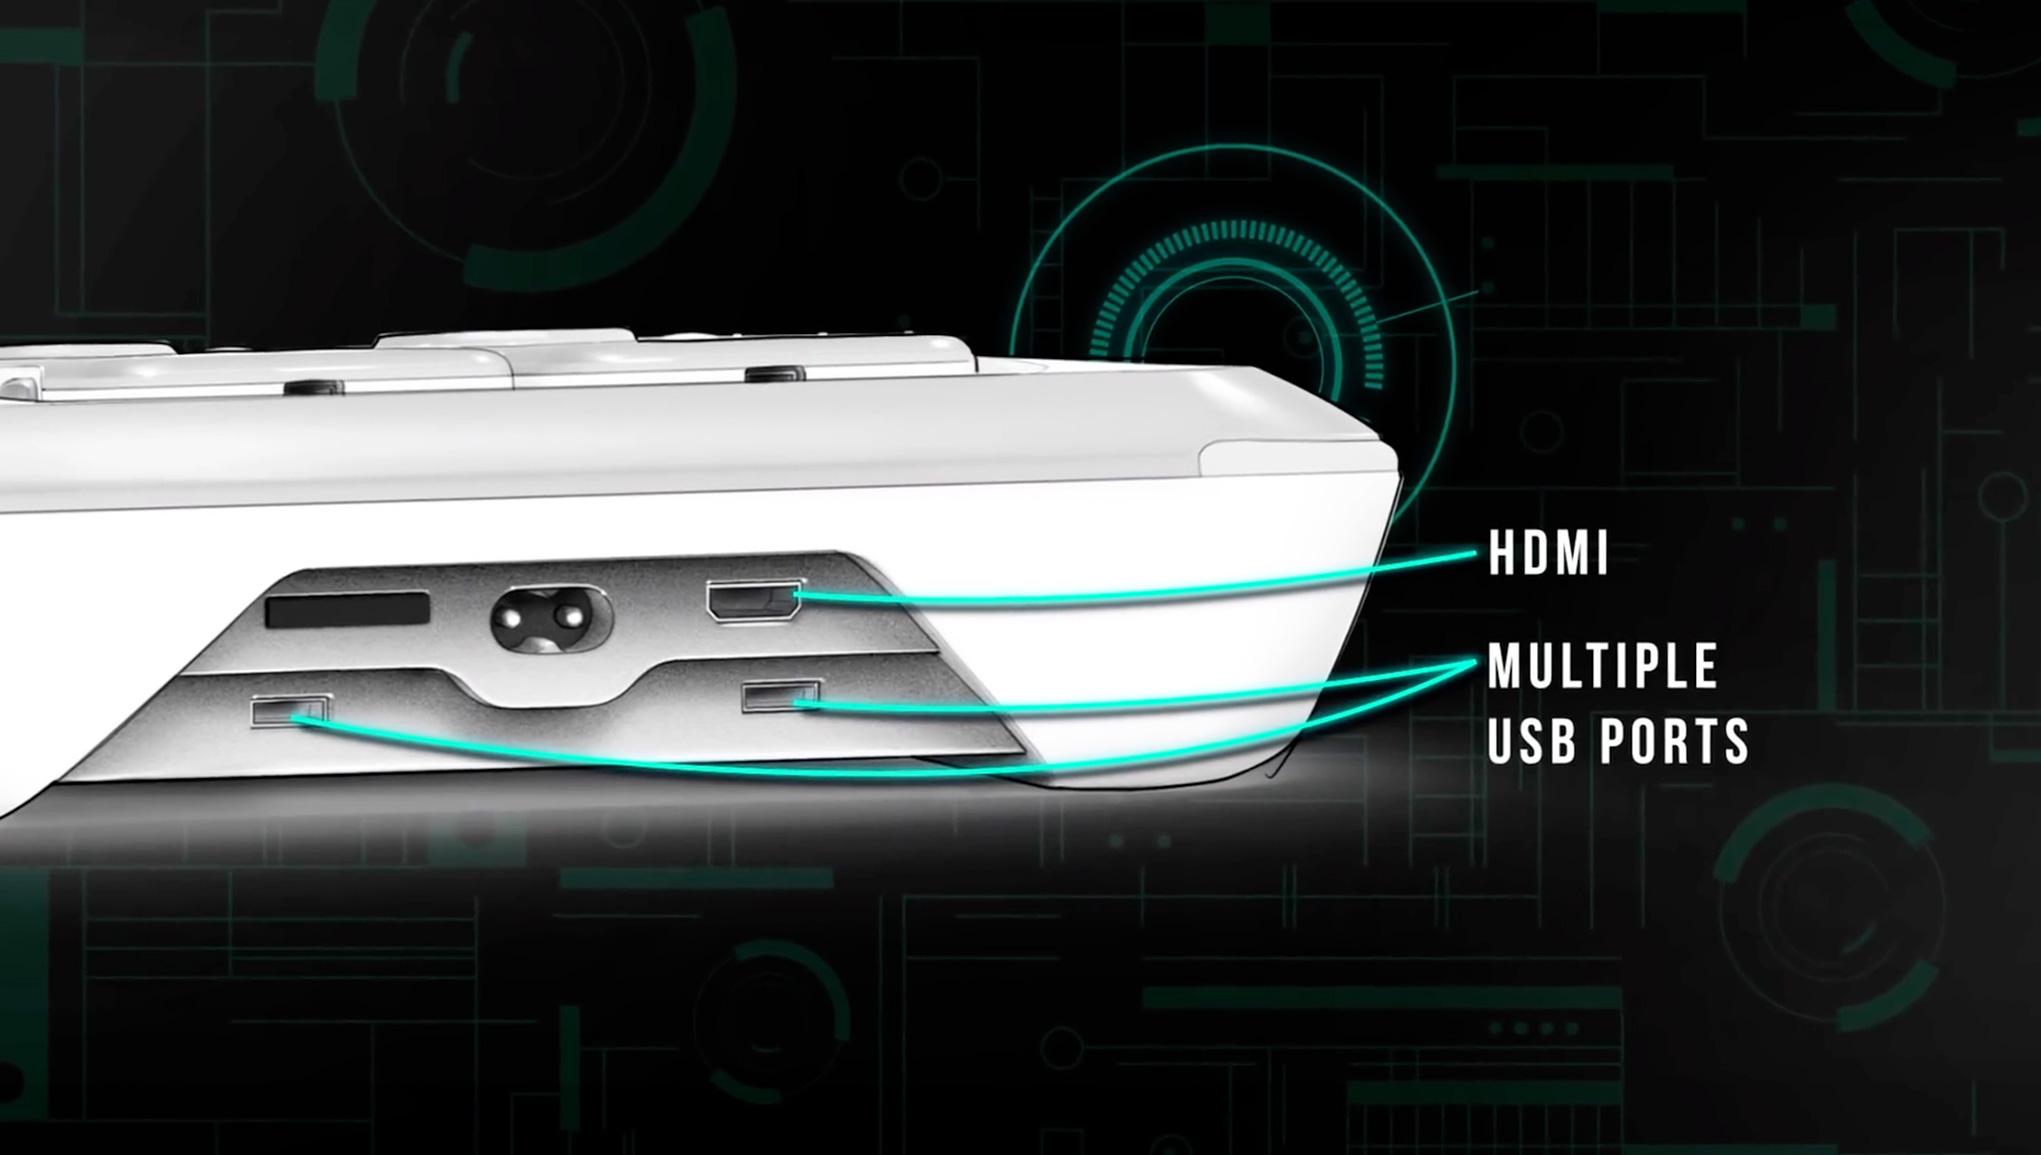 """Mehrere USB-Ports, ein HDMI-Ausgang und offenbar auch ein SD-Kartenslot: Die """"Amico"""" kommt mit zeitgemäßer Anschluss-Batterie."""